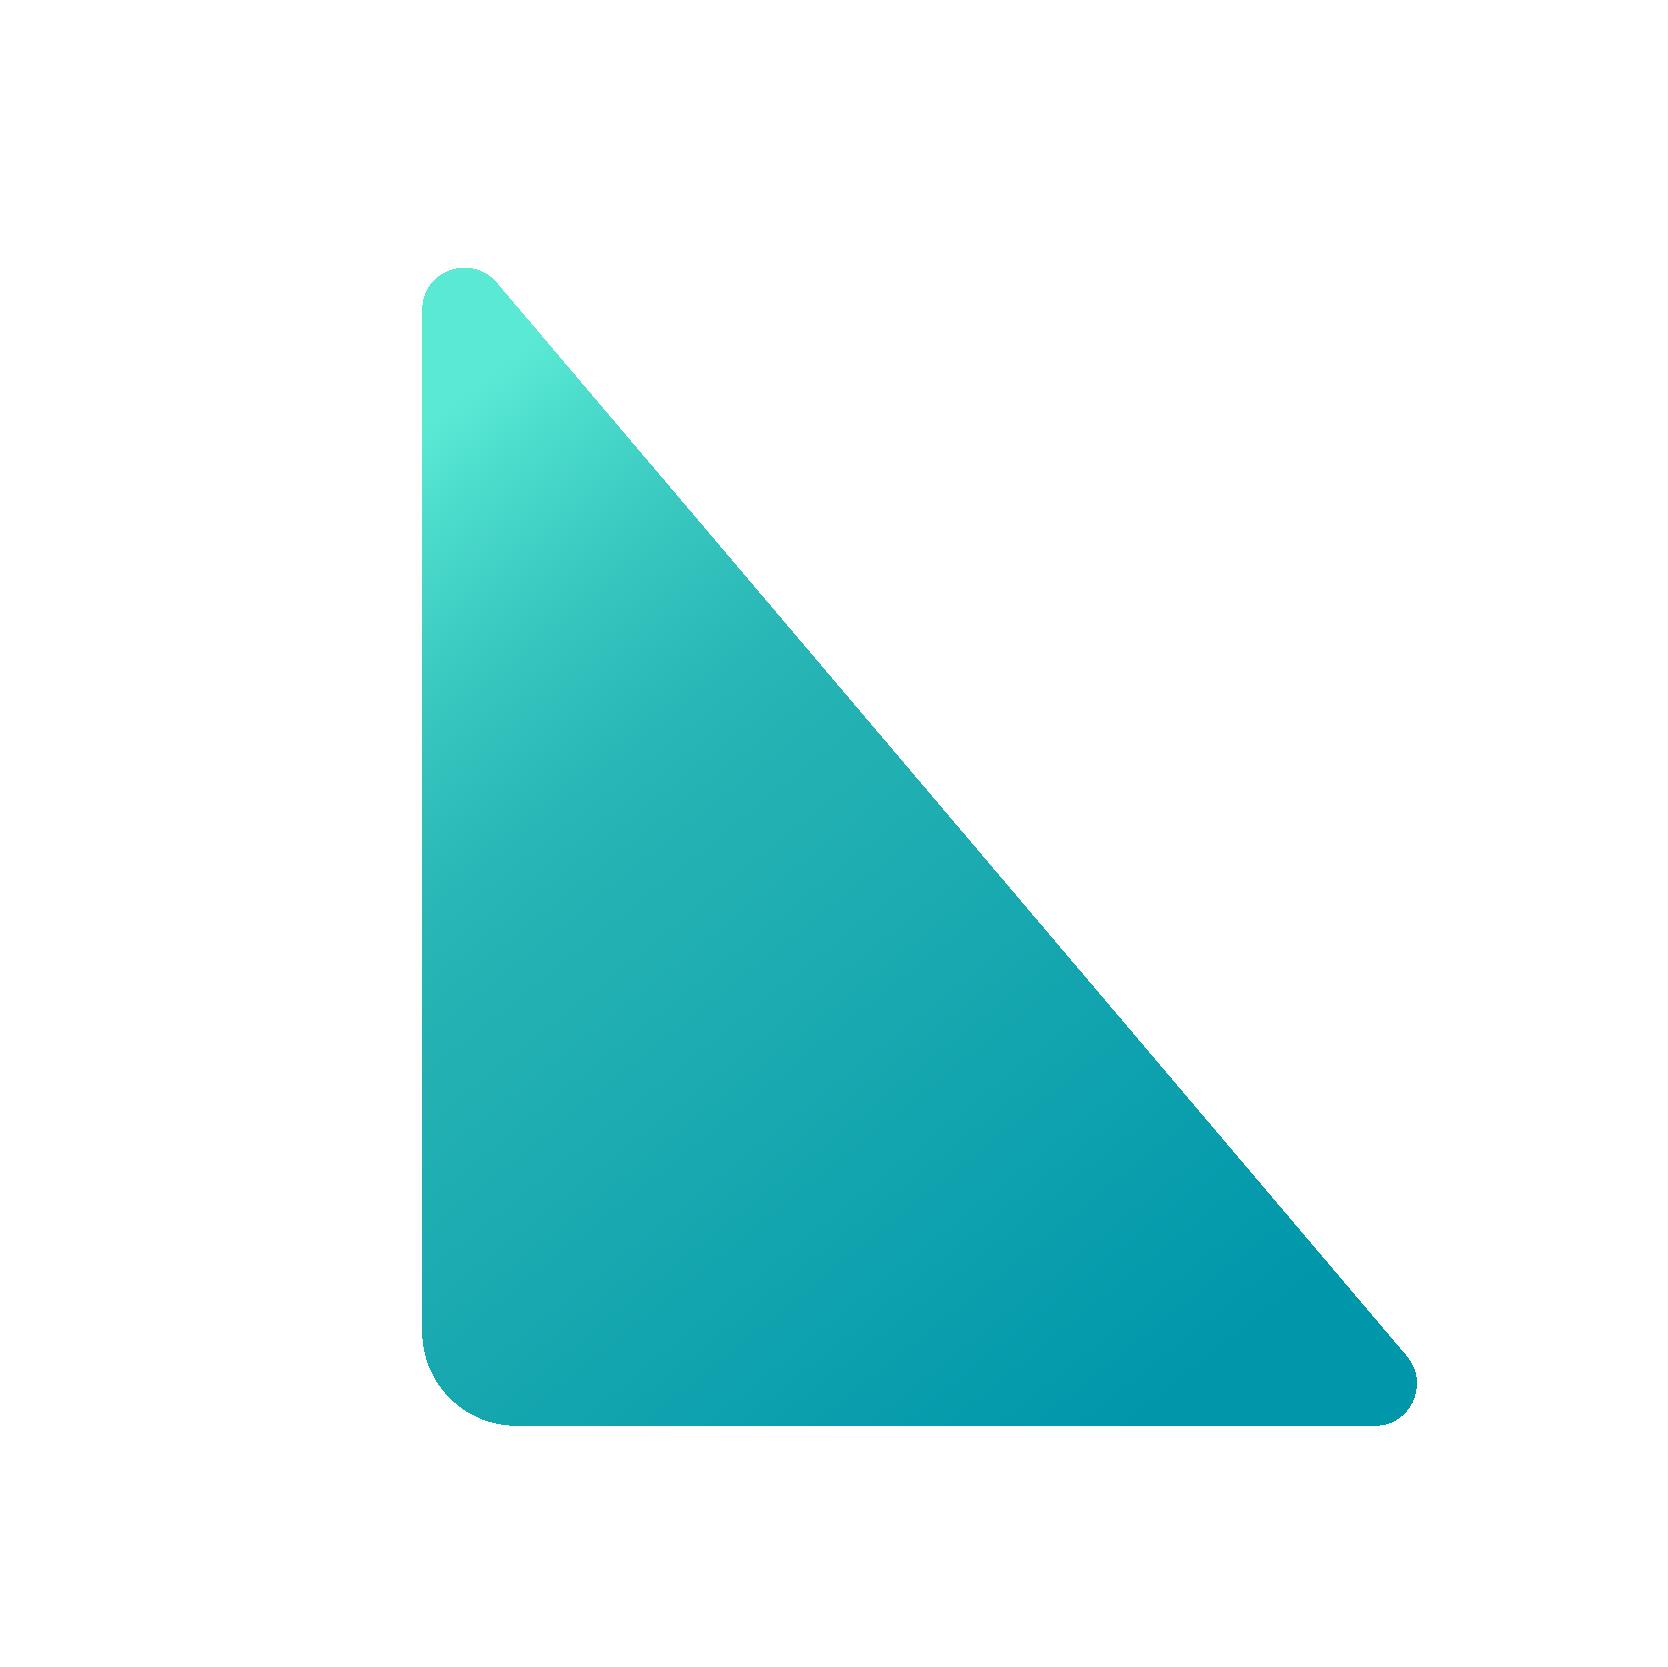 Mozaik-Dreieck-blau-4